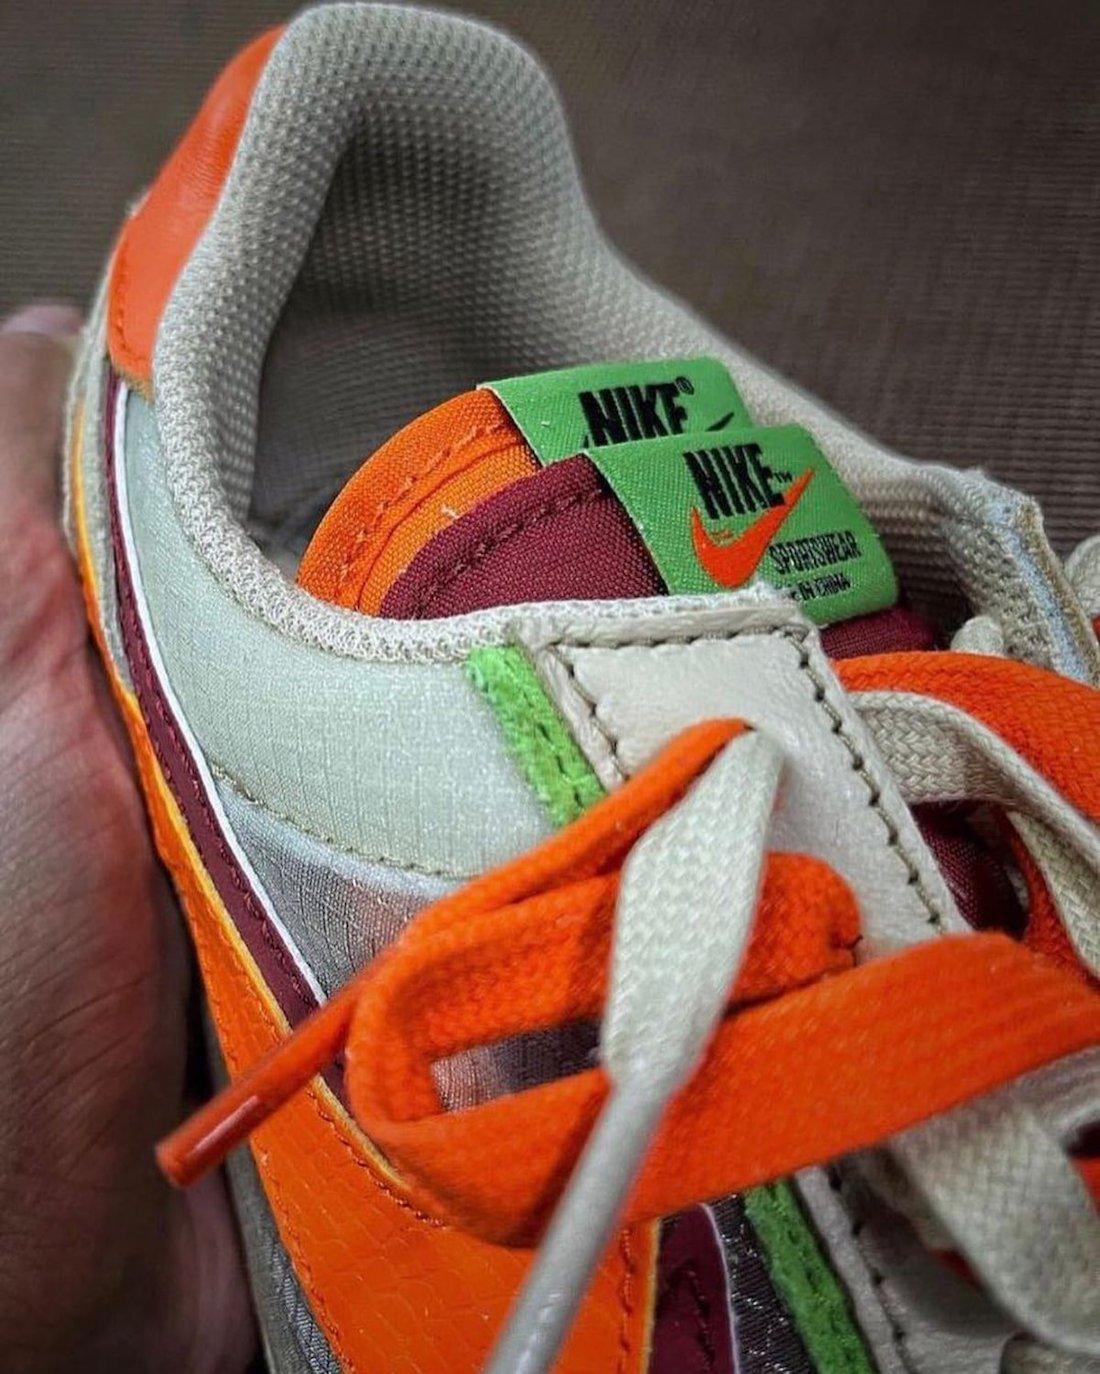 Clot Sacai Nike LDWaffle Release Date Info